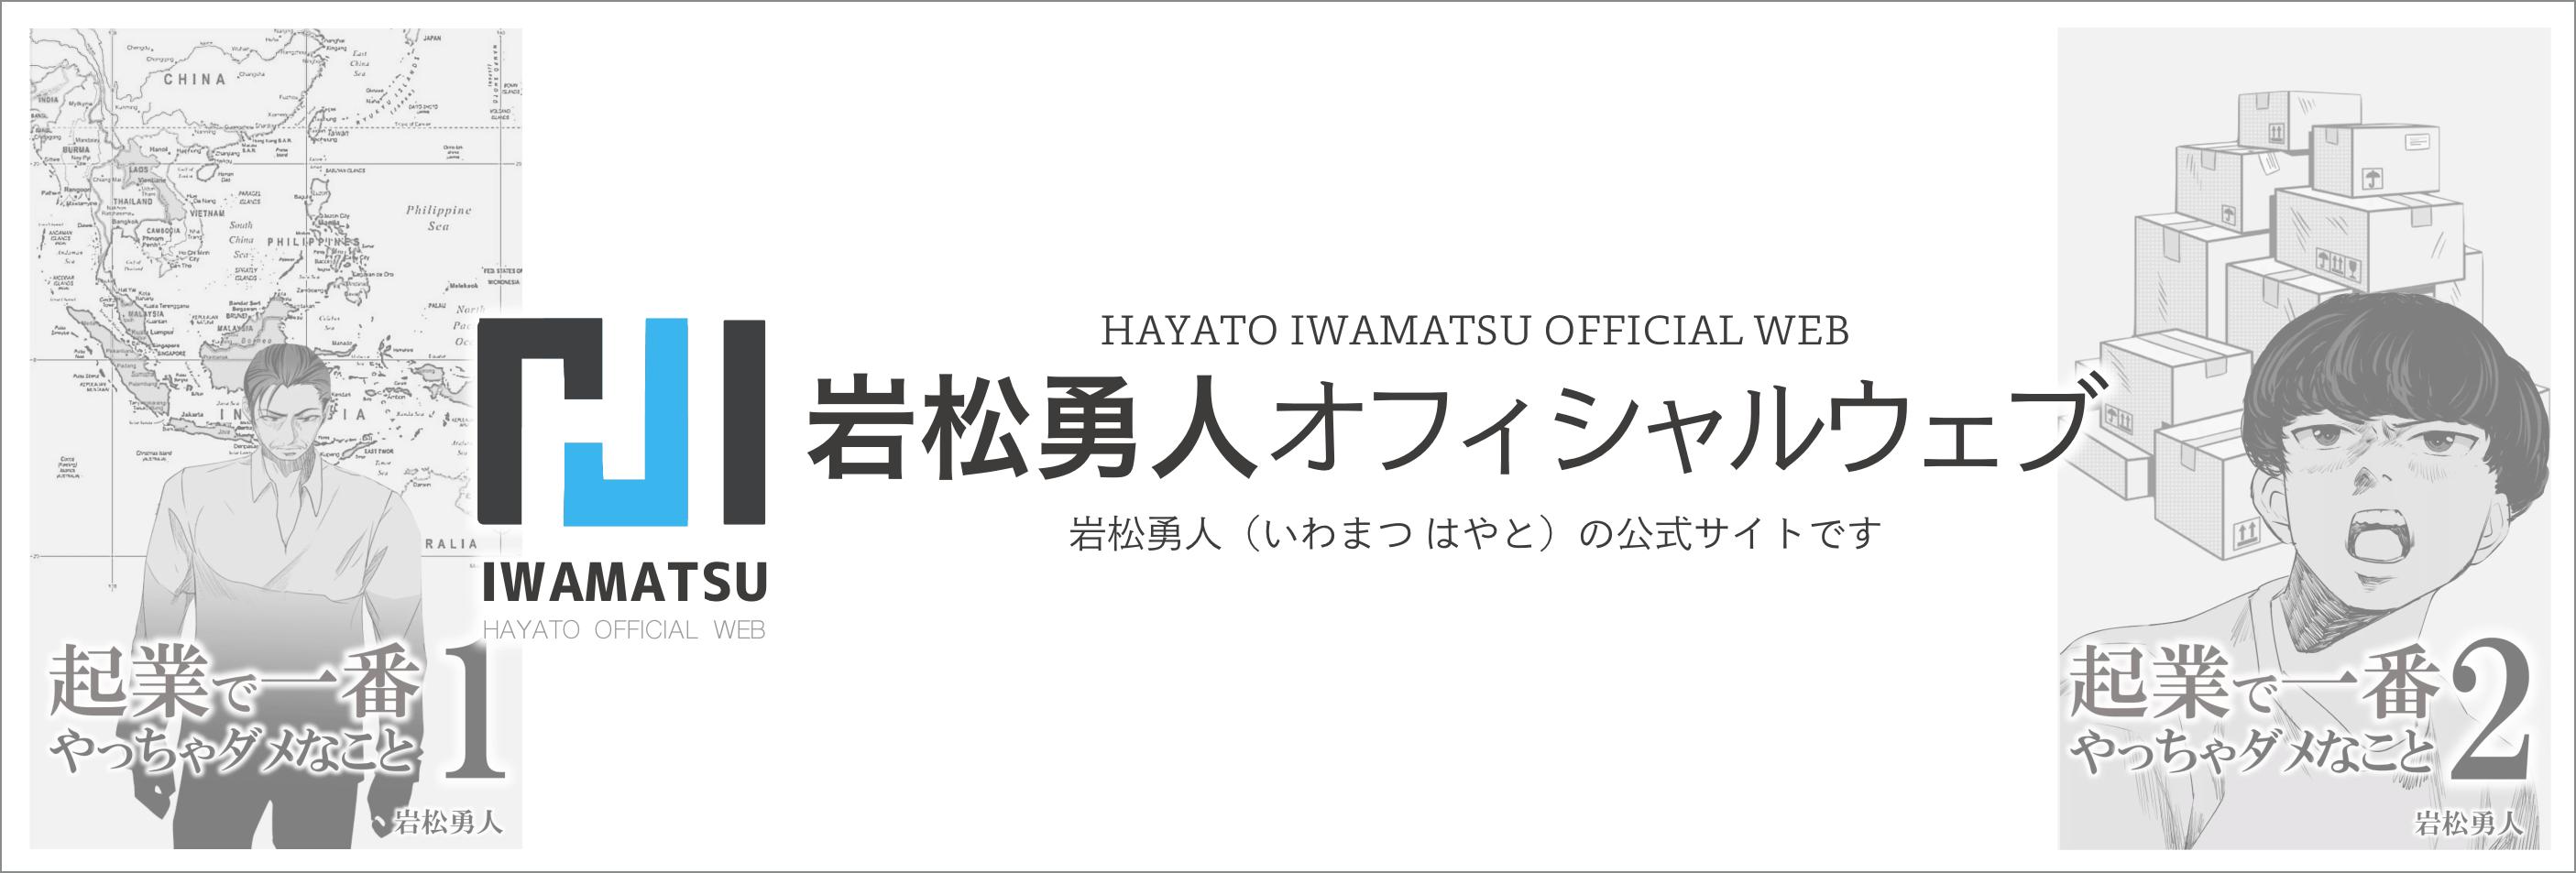 岩松勇人オフィシャルウェブ